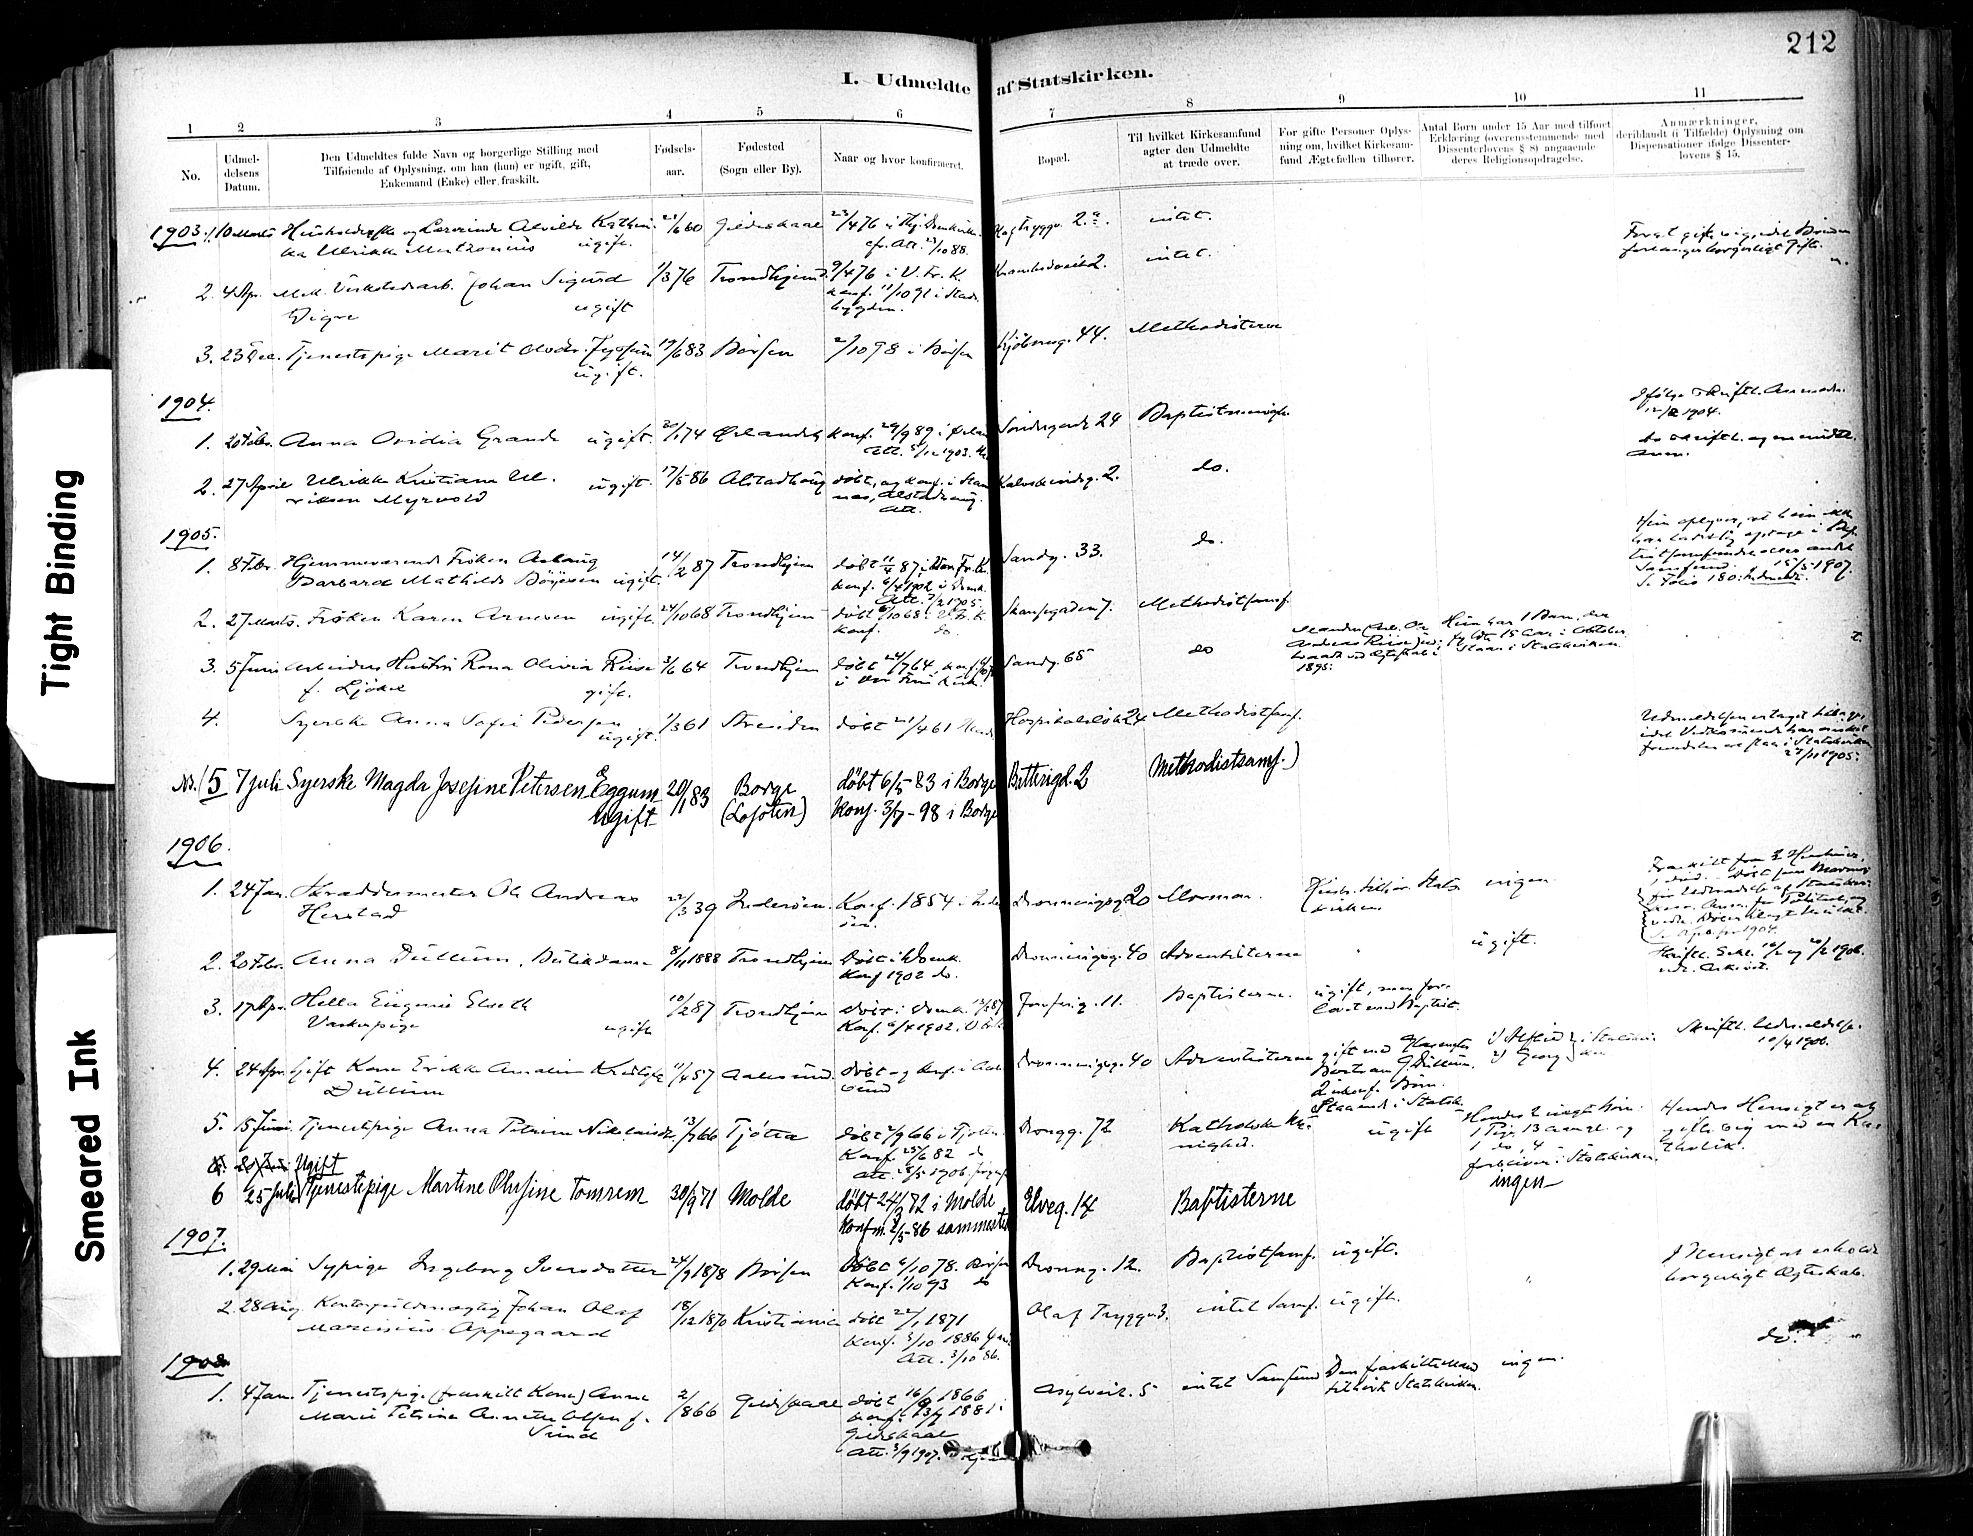 SAT, Ministerialprotokoller, klokkerbøker og fødselsregistre - Sør-Trøndelag, 602/L0120: Ministerialbok nr. 602A18, 1880-1913, s. 212